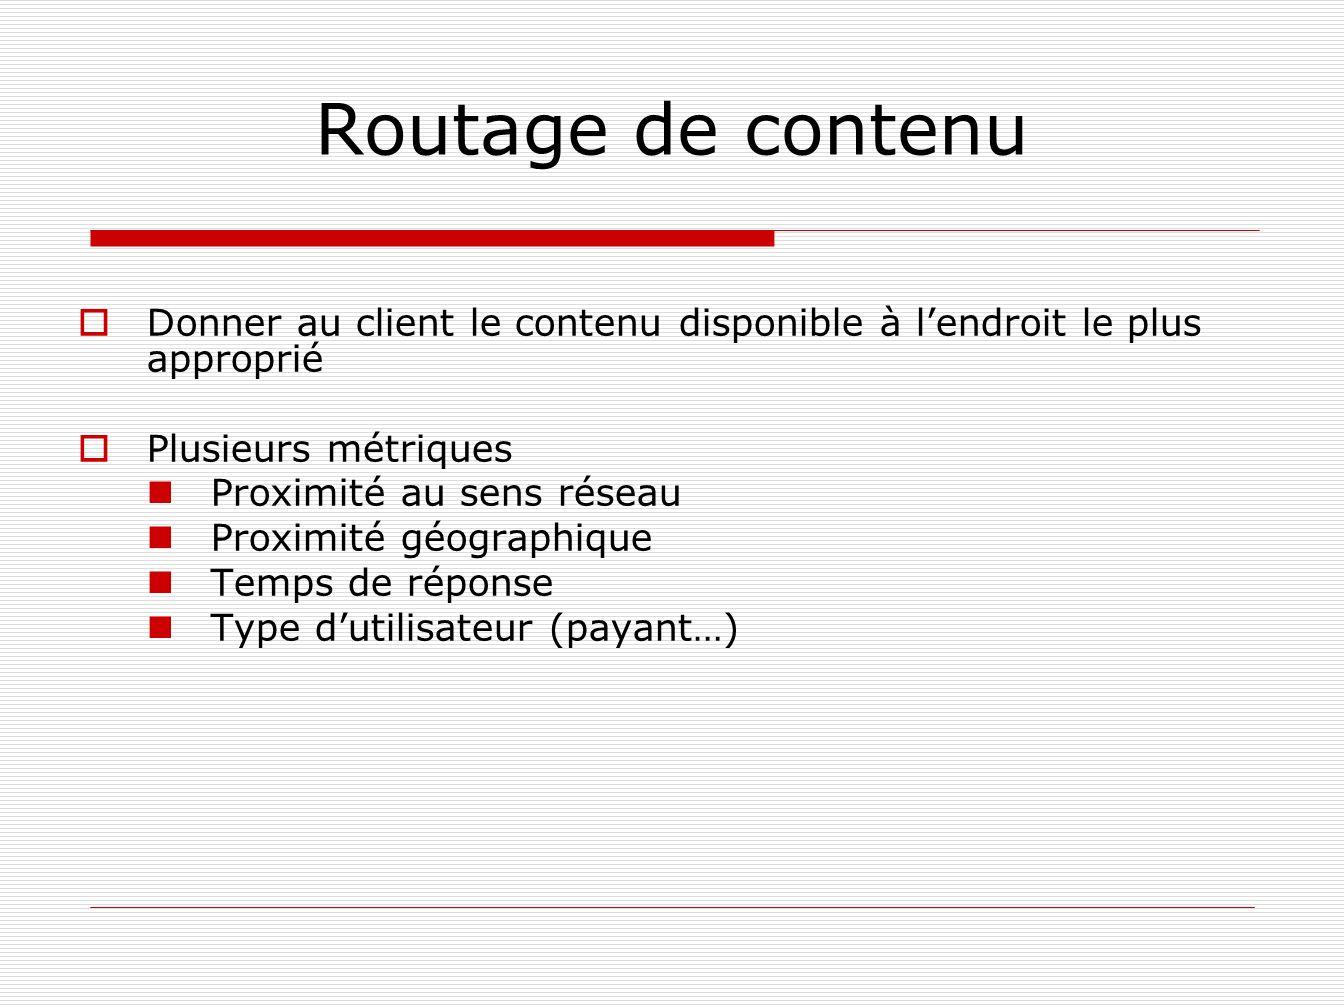 Routage de contenuDonner au client le contenu disponible à l'endroit le plus approprié. Plusieurs métriques.